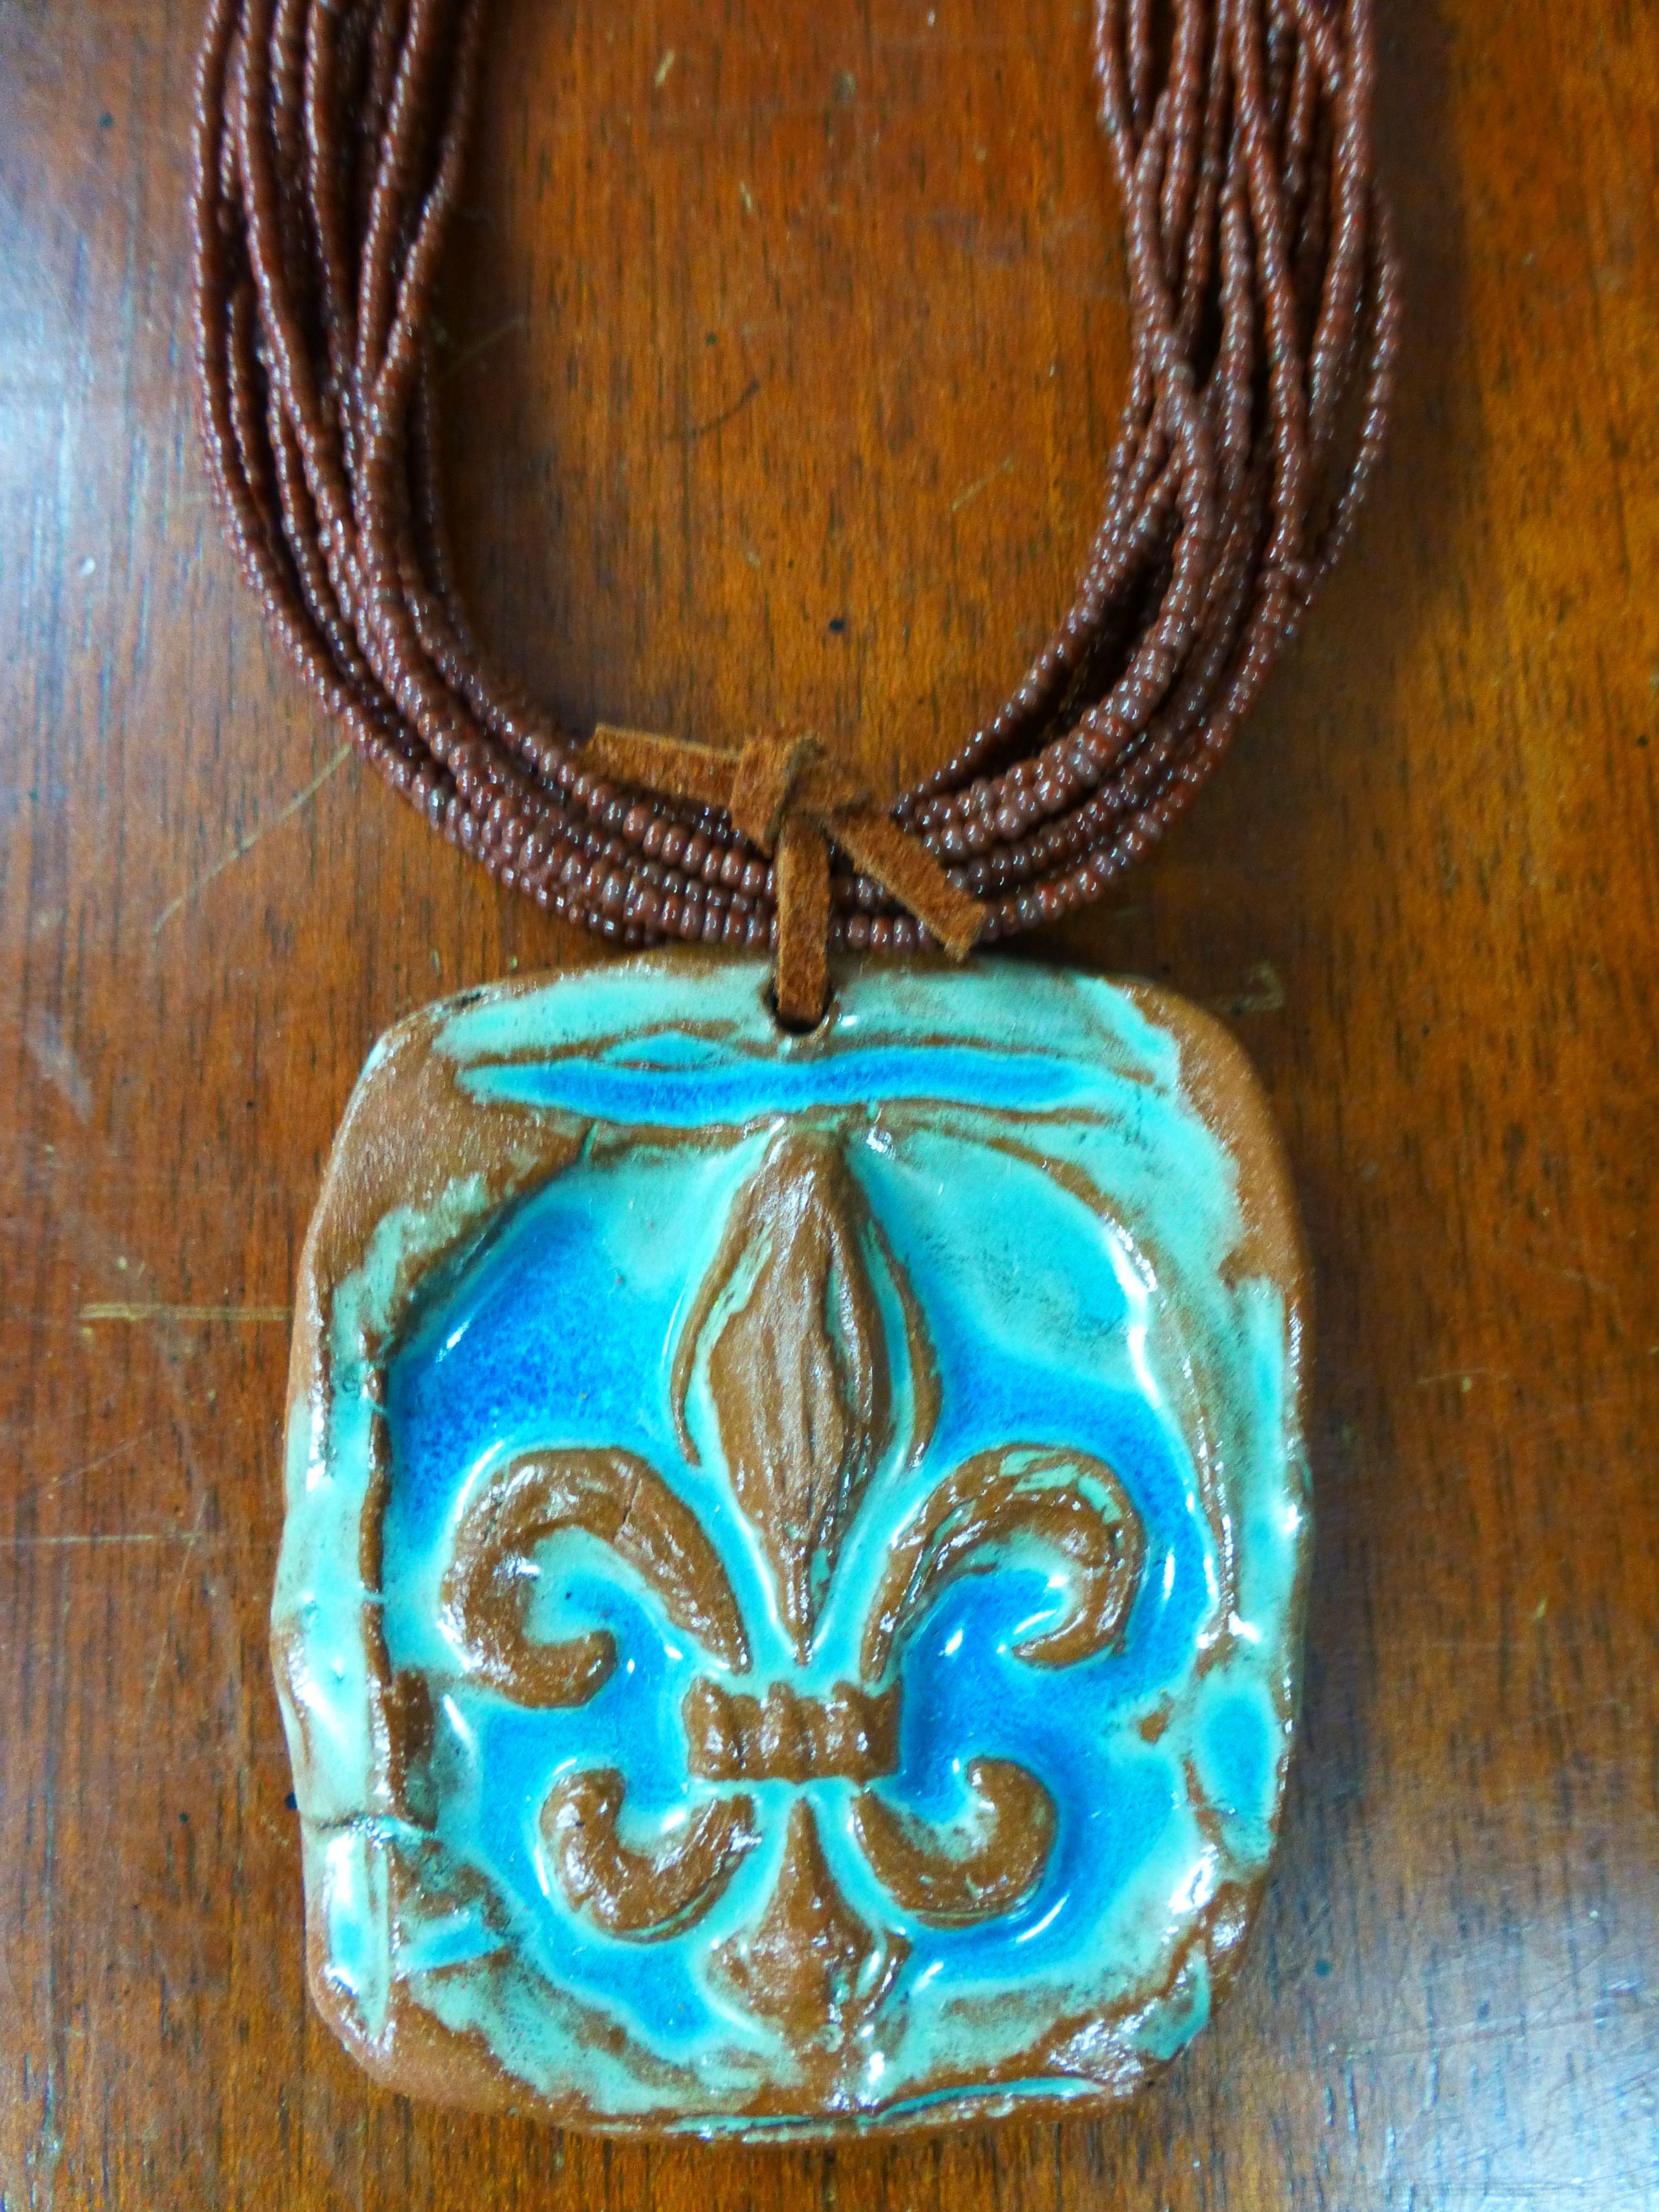 Fleur De Lis Clay Pendant Bead Necklace